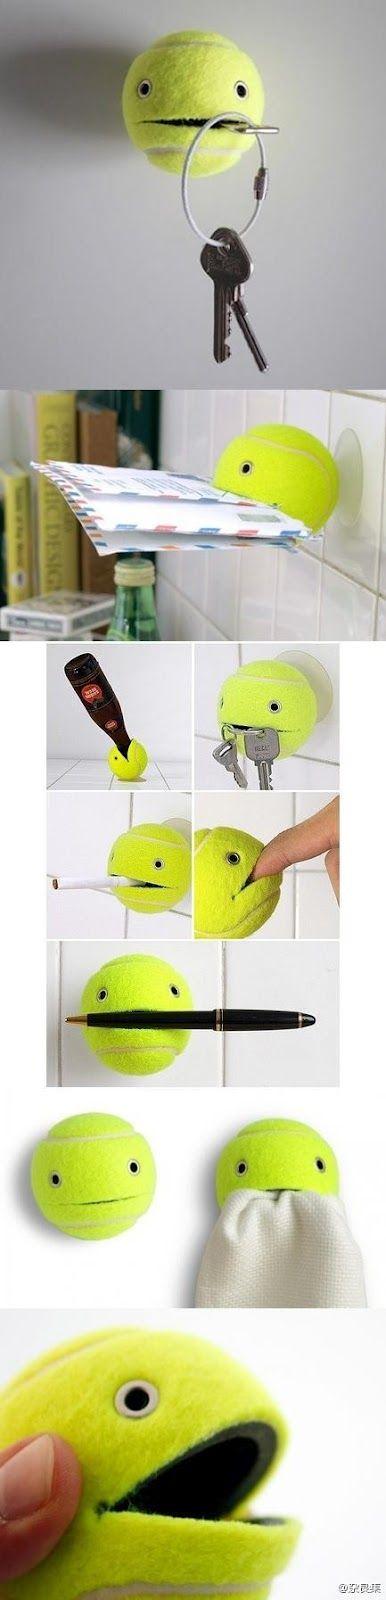 Tennis ball: Cuteidea, Ball Holders, Stuff, Diy'S, Cute Idea, Tennisball, Keys Holders, Tennis Ball, Crafts